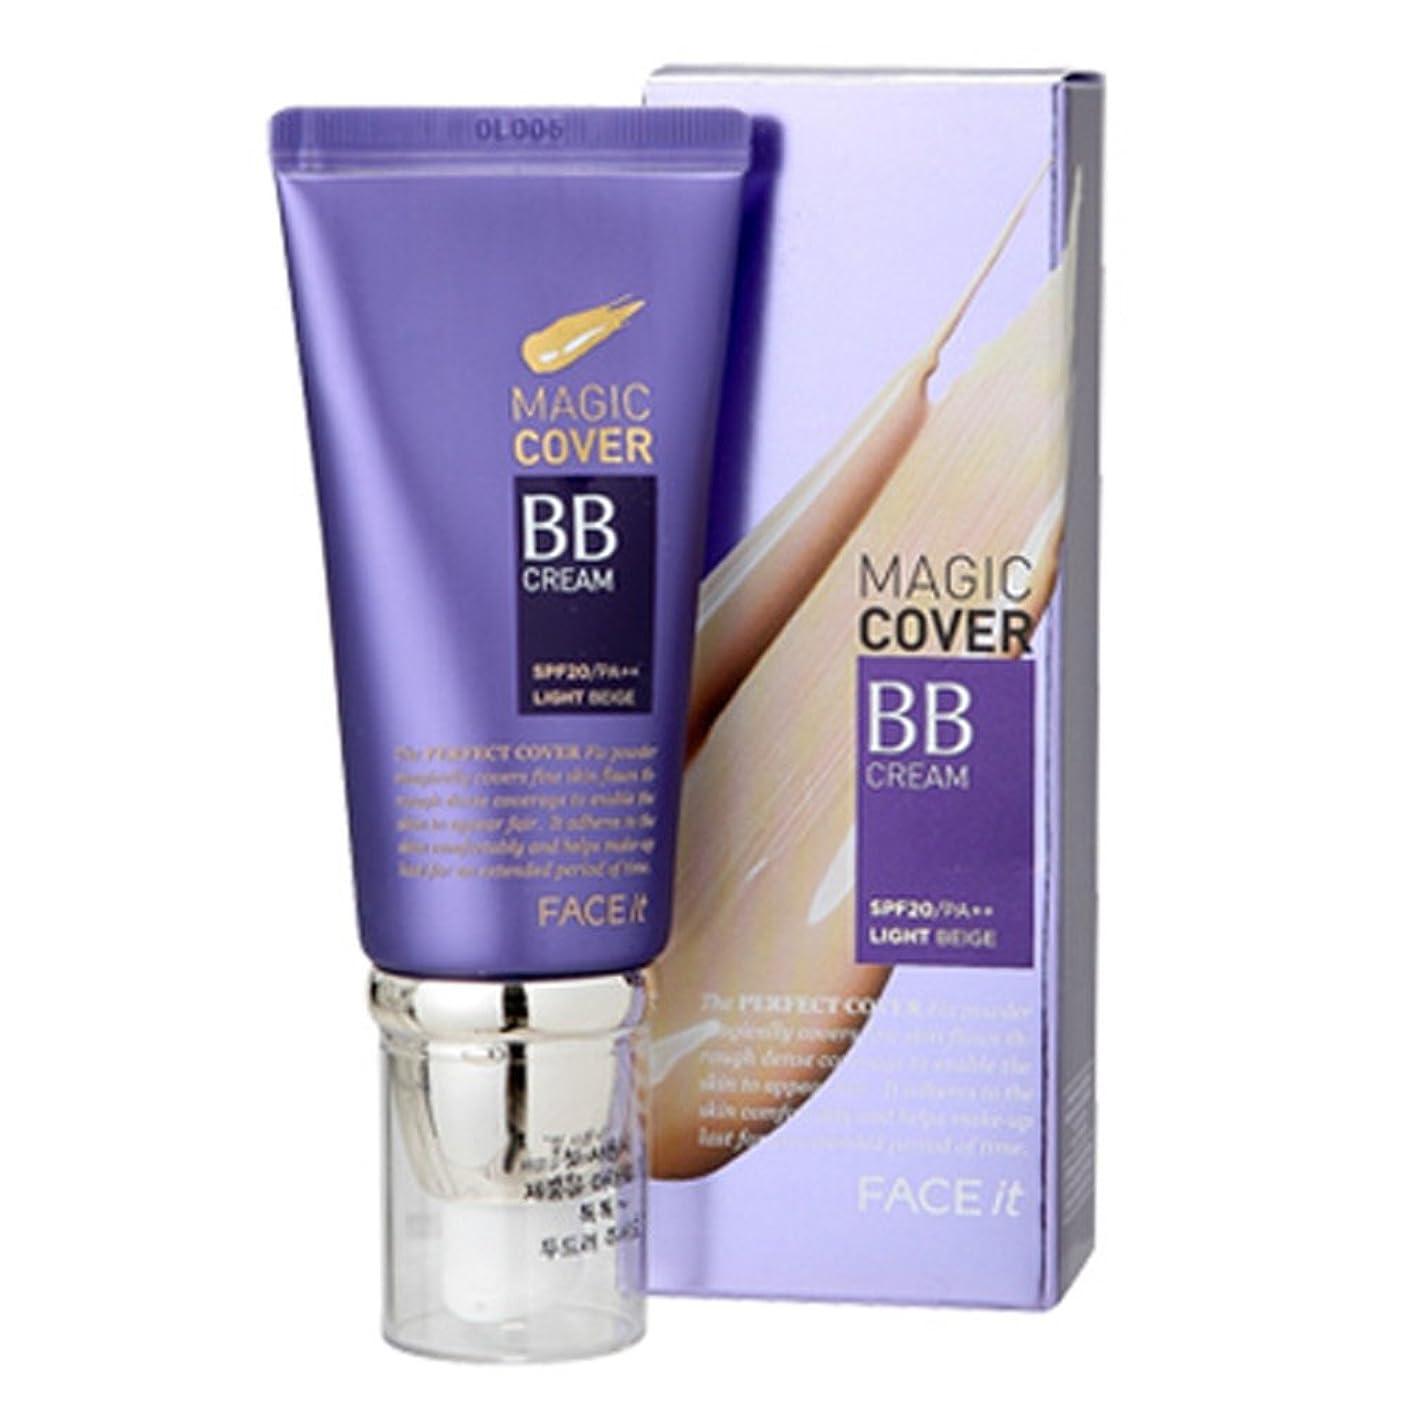 発症一時停止シンカンザフェイスショップ The Face Shop Face It Magic Cover BB Cream 45ml (02 Natural Beige)